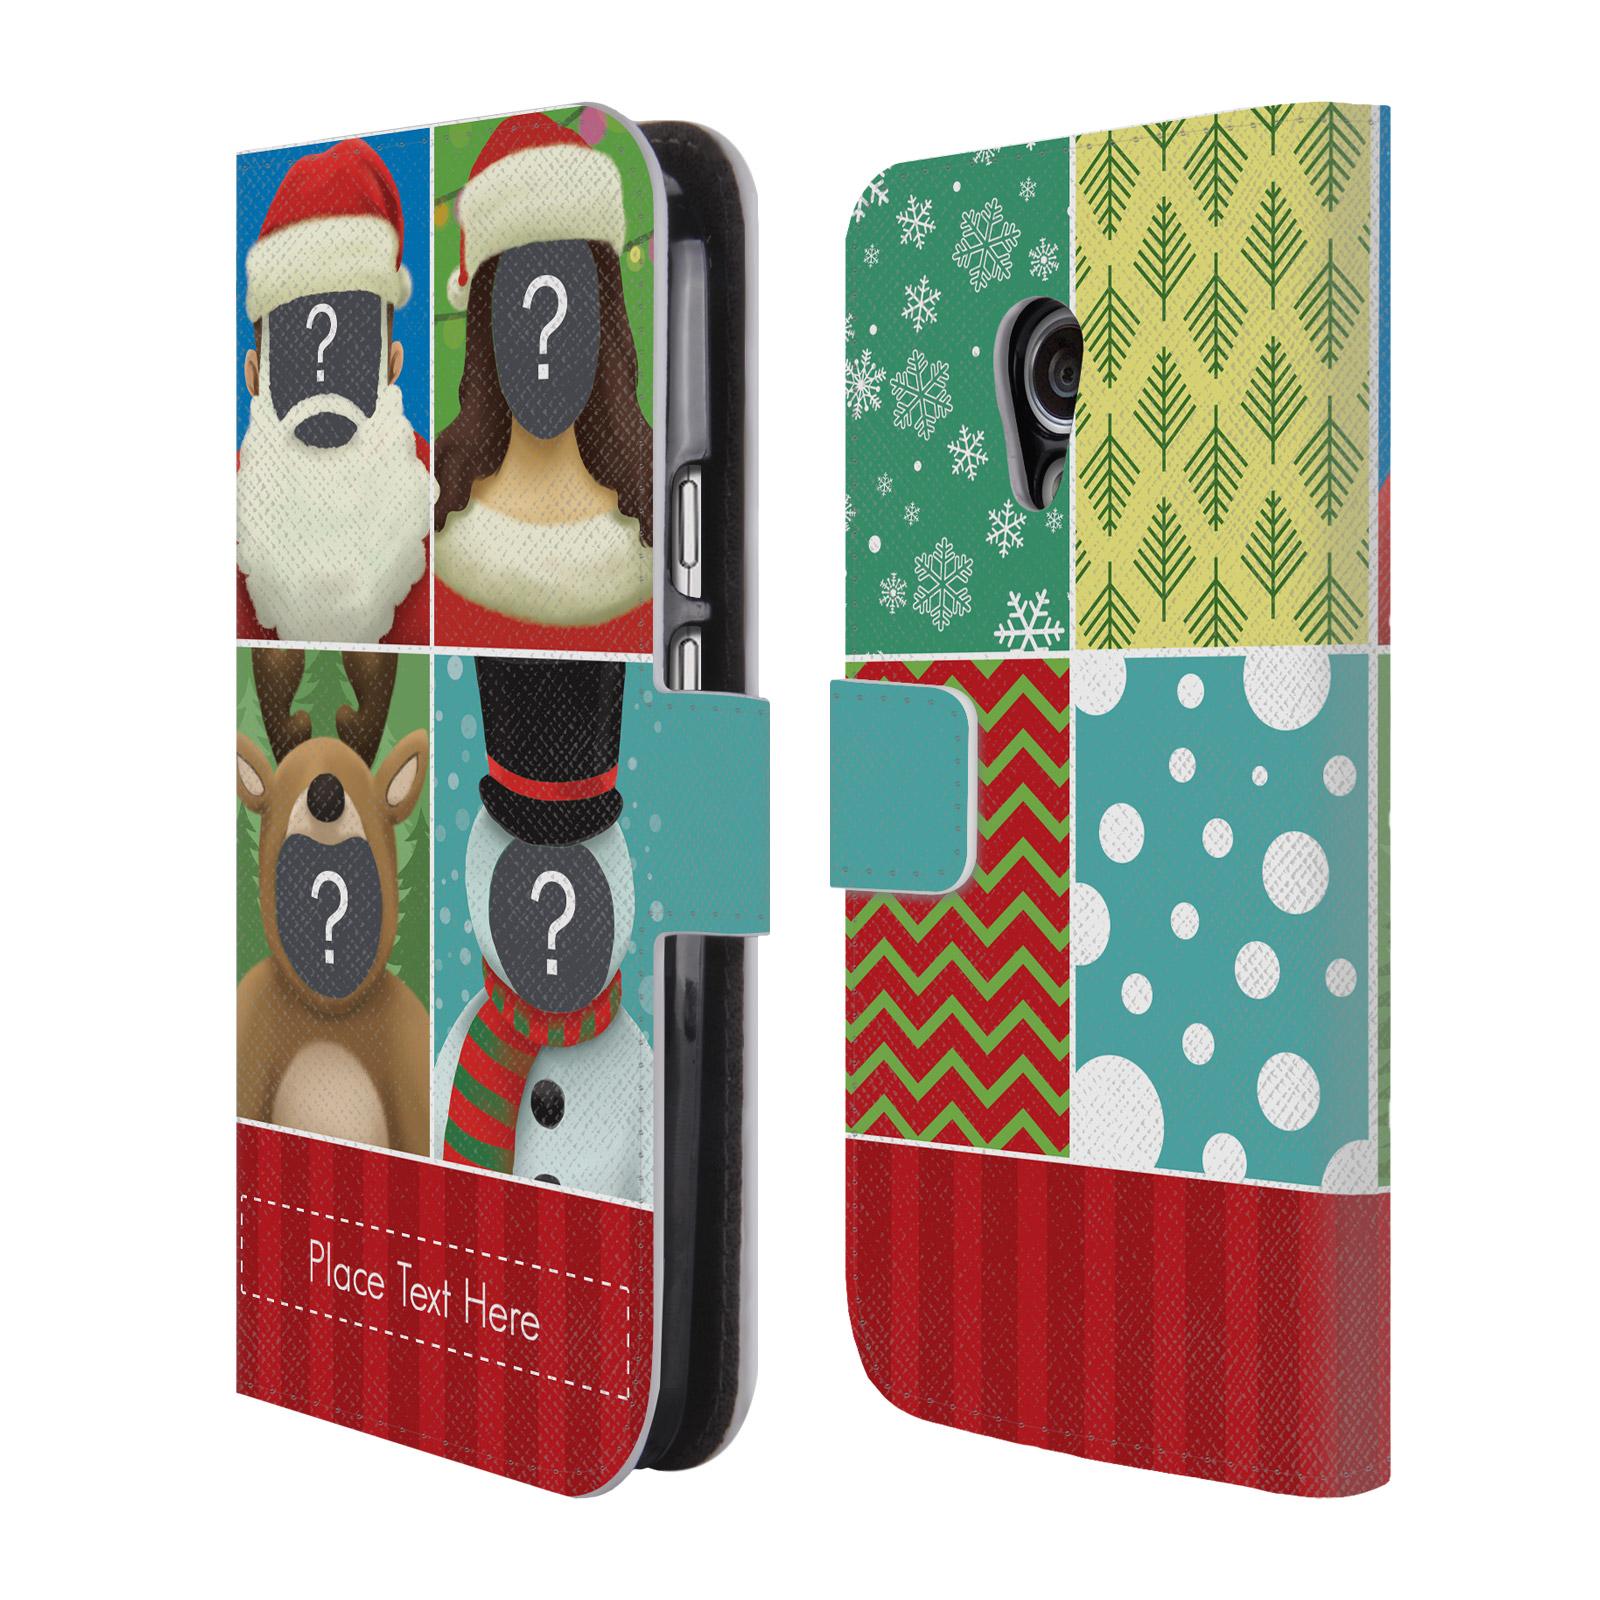 personalisierte individuelle weihnachten geldtasche h lle f r motorola handys ebay. Black Bedroom Furniture Sets. Home Design Ideas